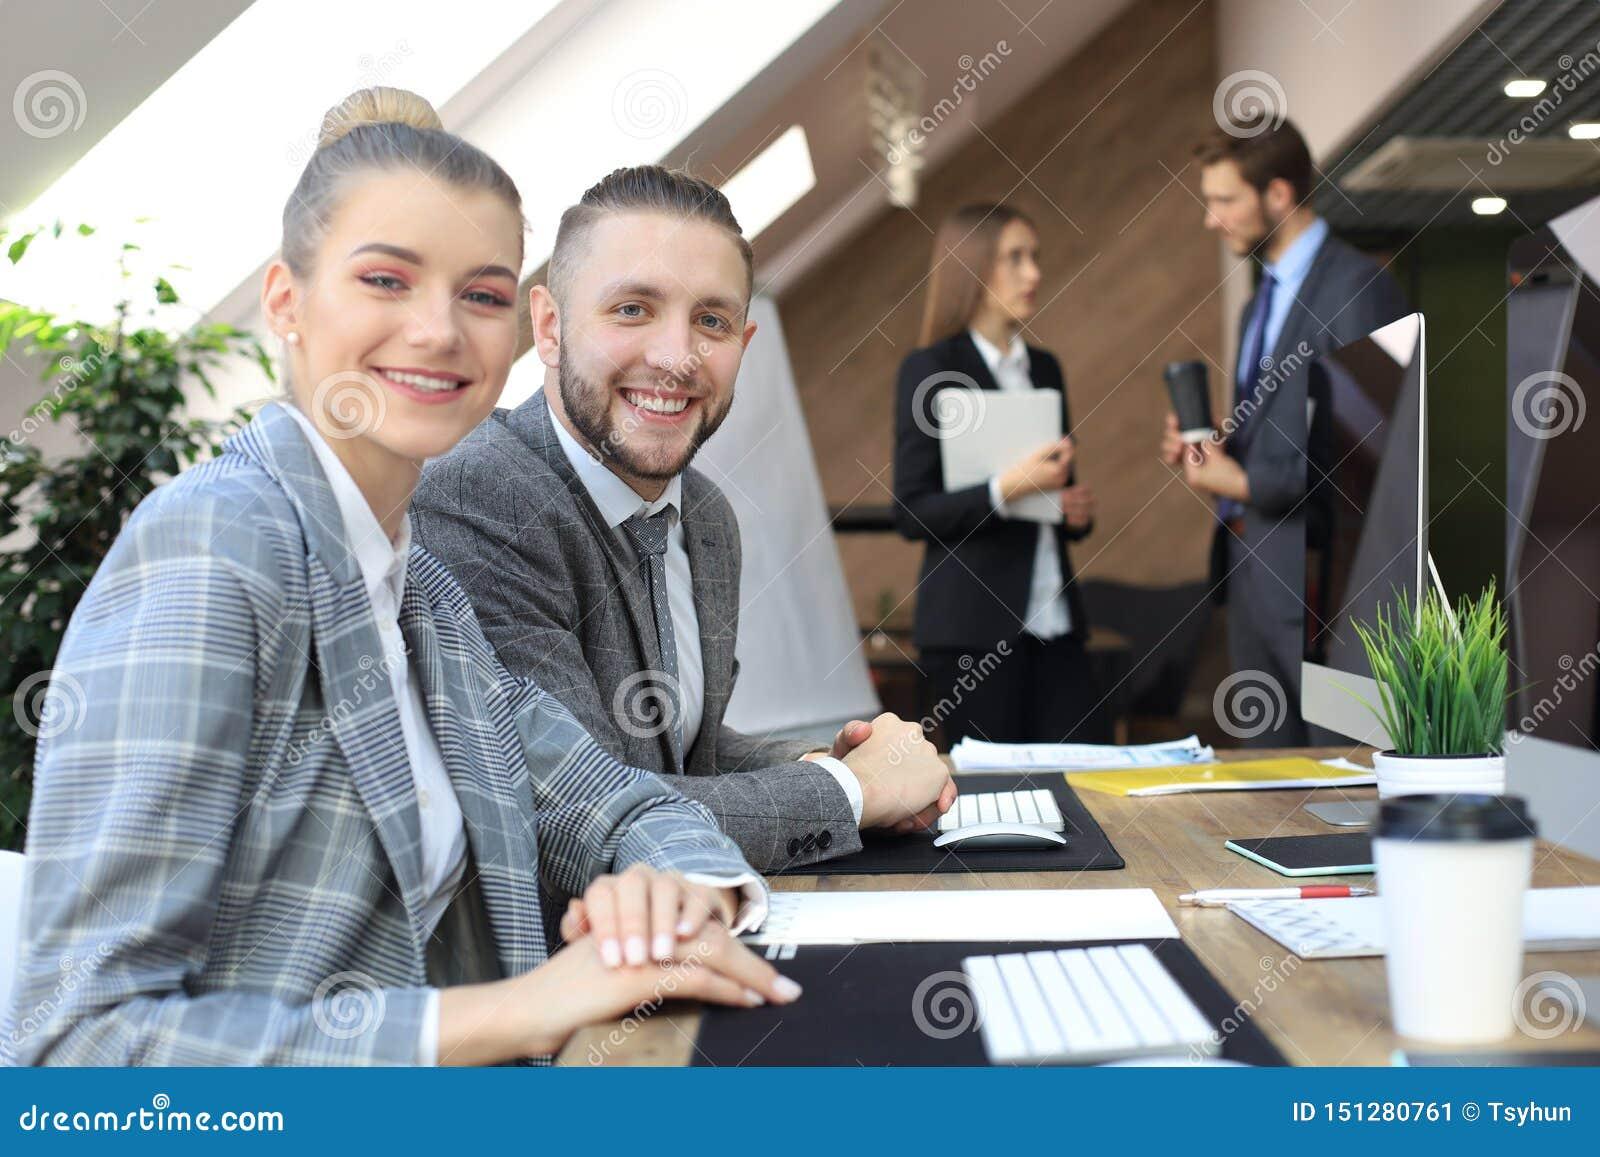 De bedrijfsvrouw met haar personeel, mensen groepeert zich binnen op achtergrond op modern helder kantoor